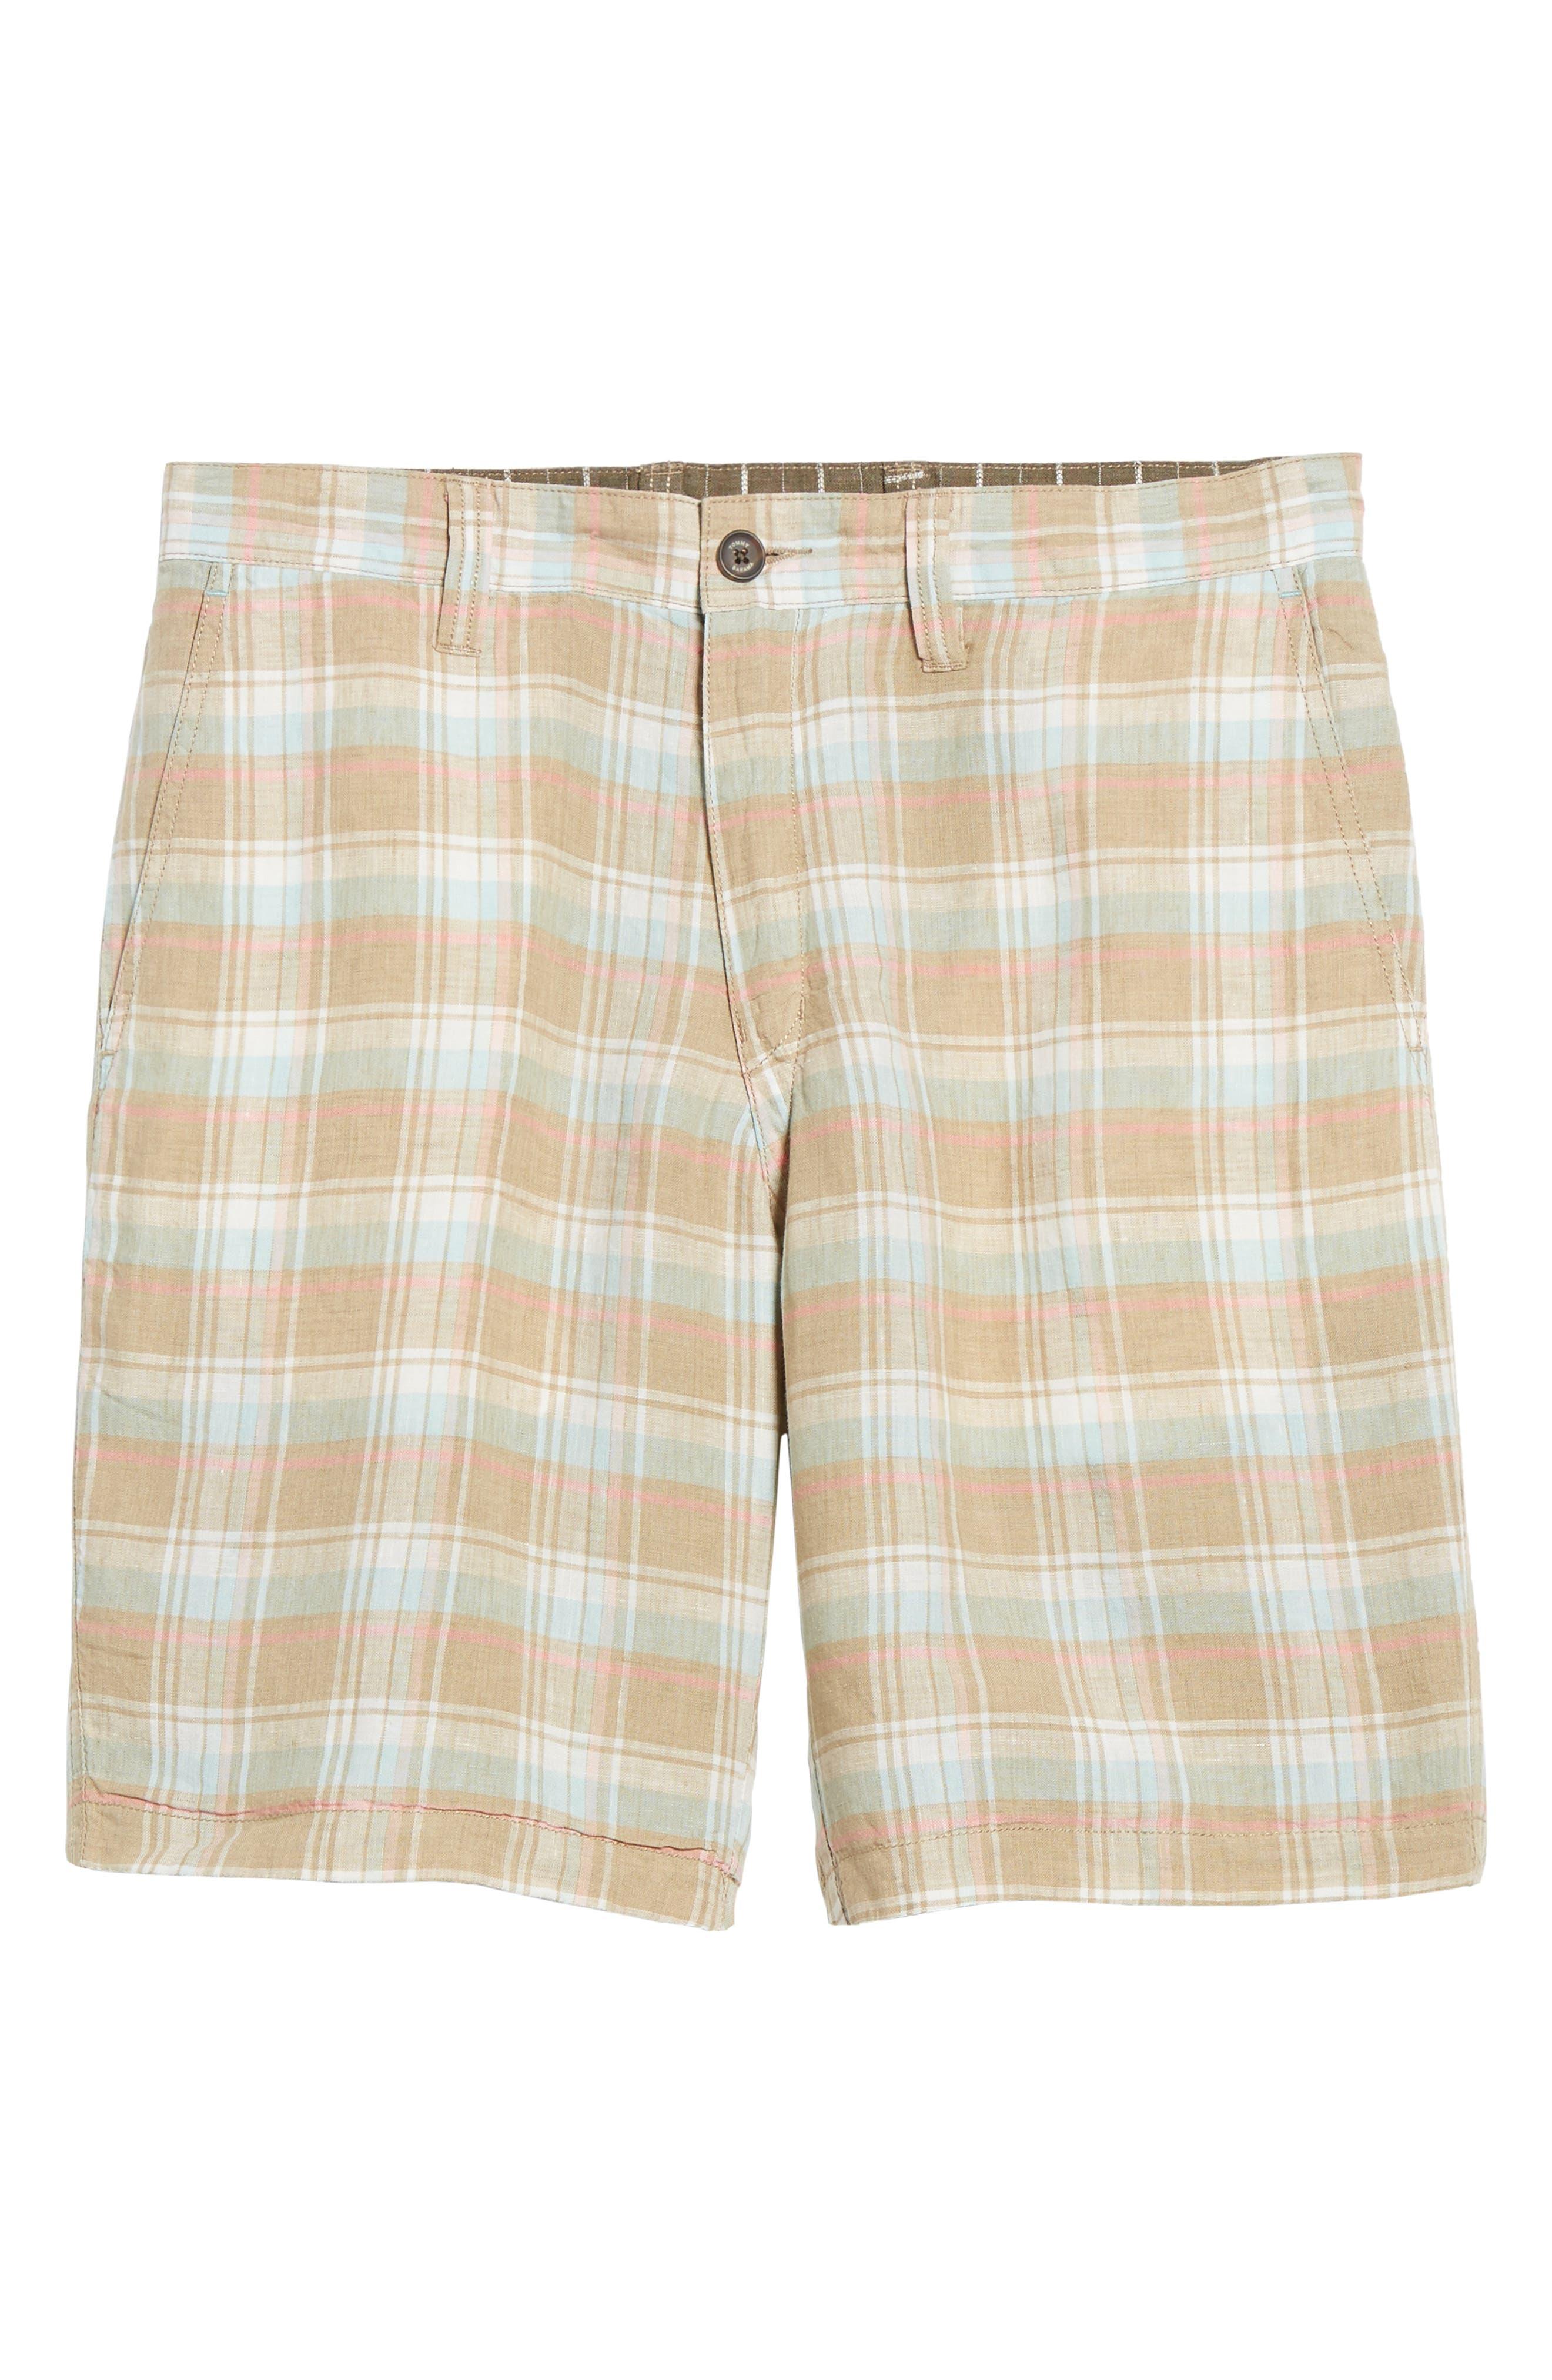 Plaid De Leon Reversible Shorts,                             Alternate thumbnail 7, color,                             Stone Khaki